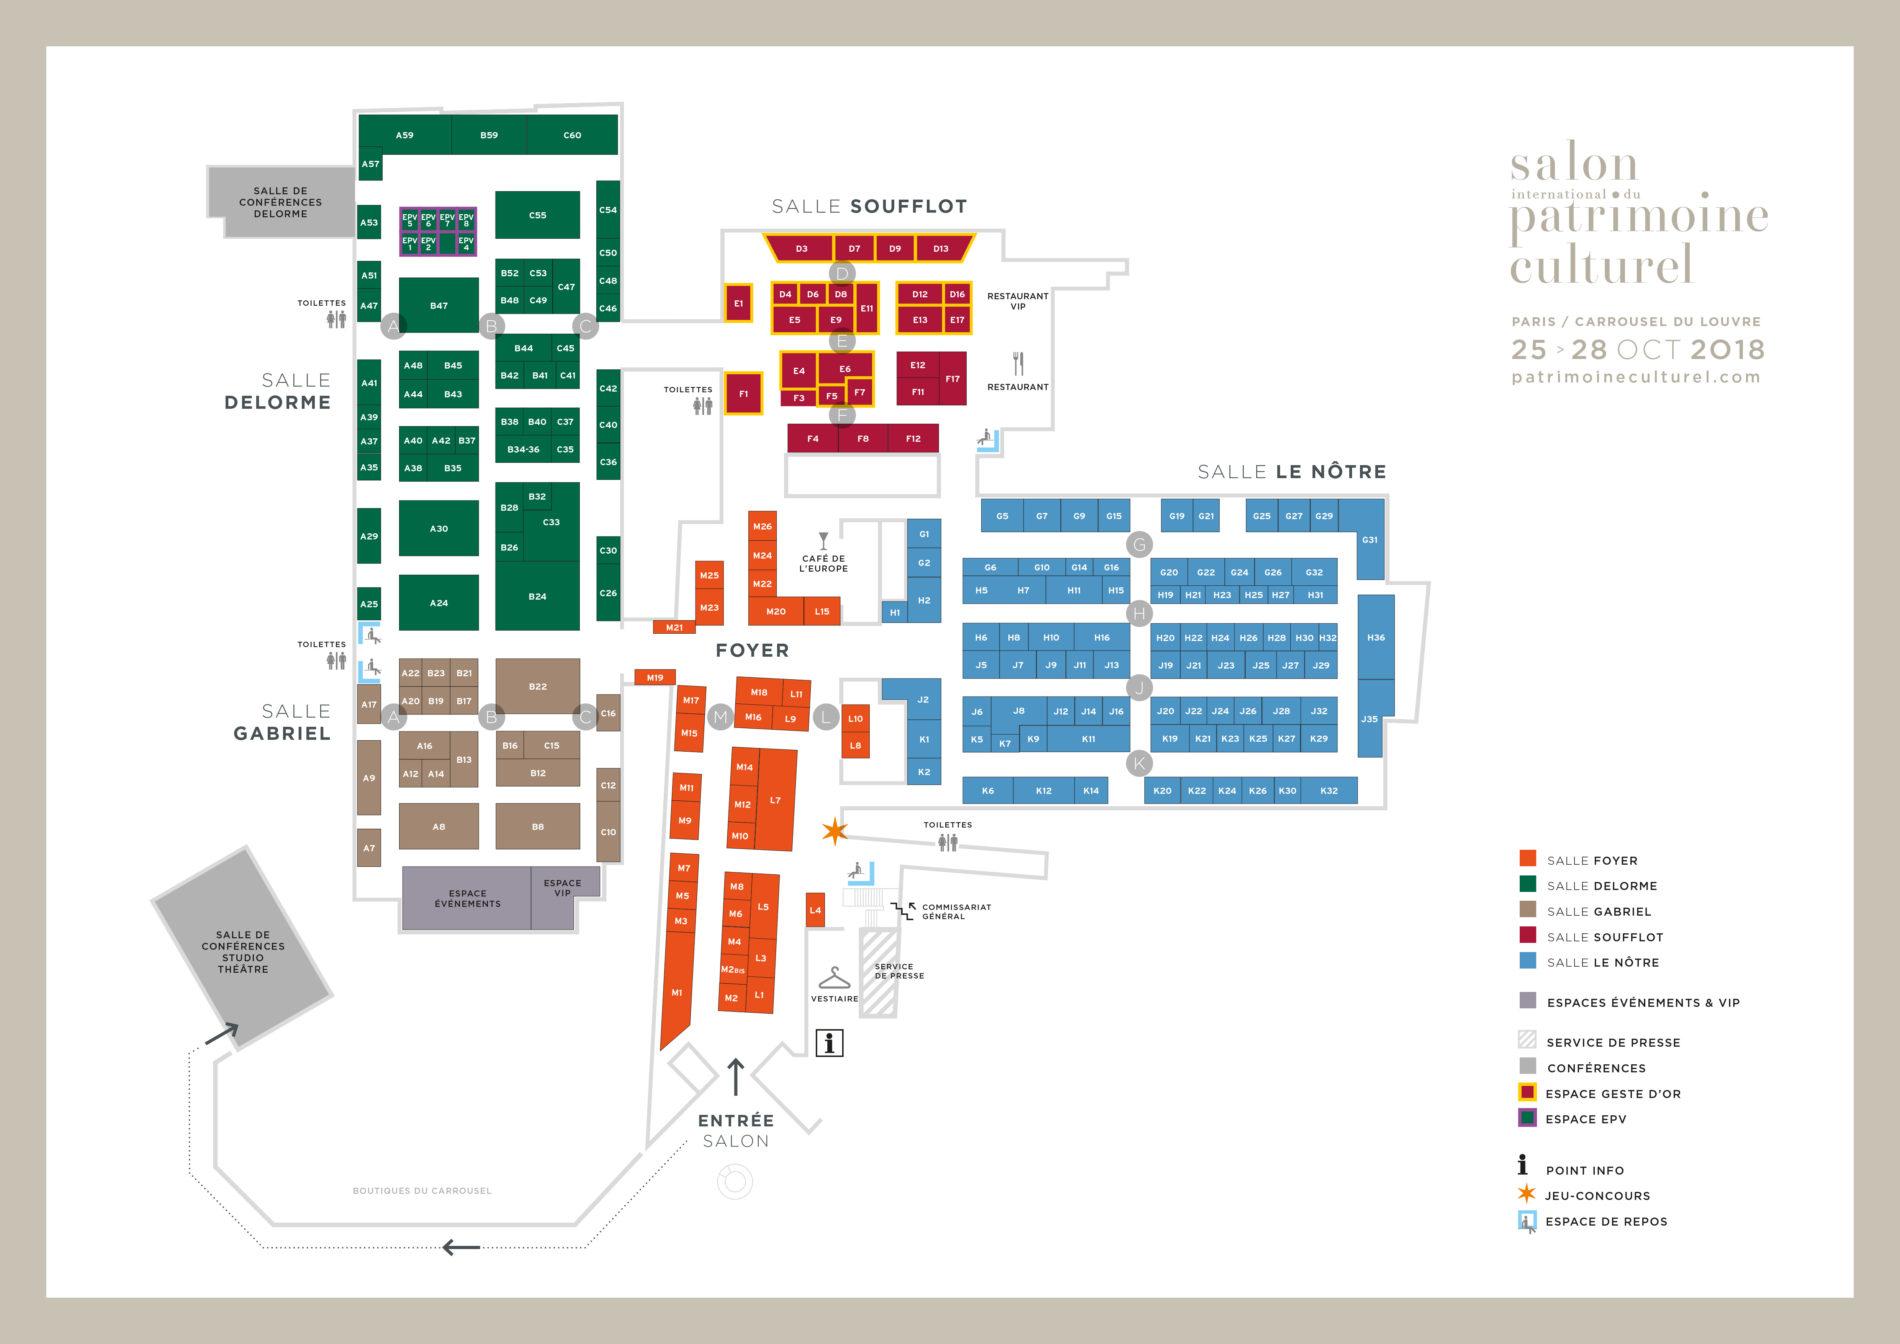 Plan du salon international du patrimoine culturel 2018